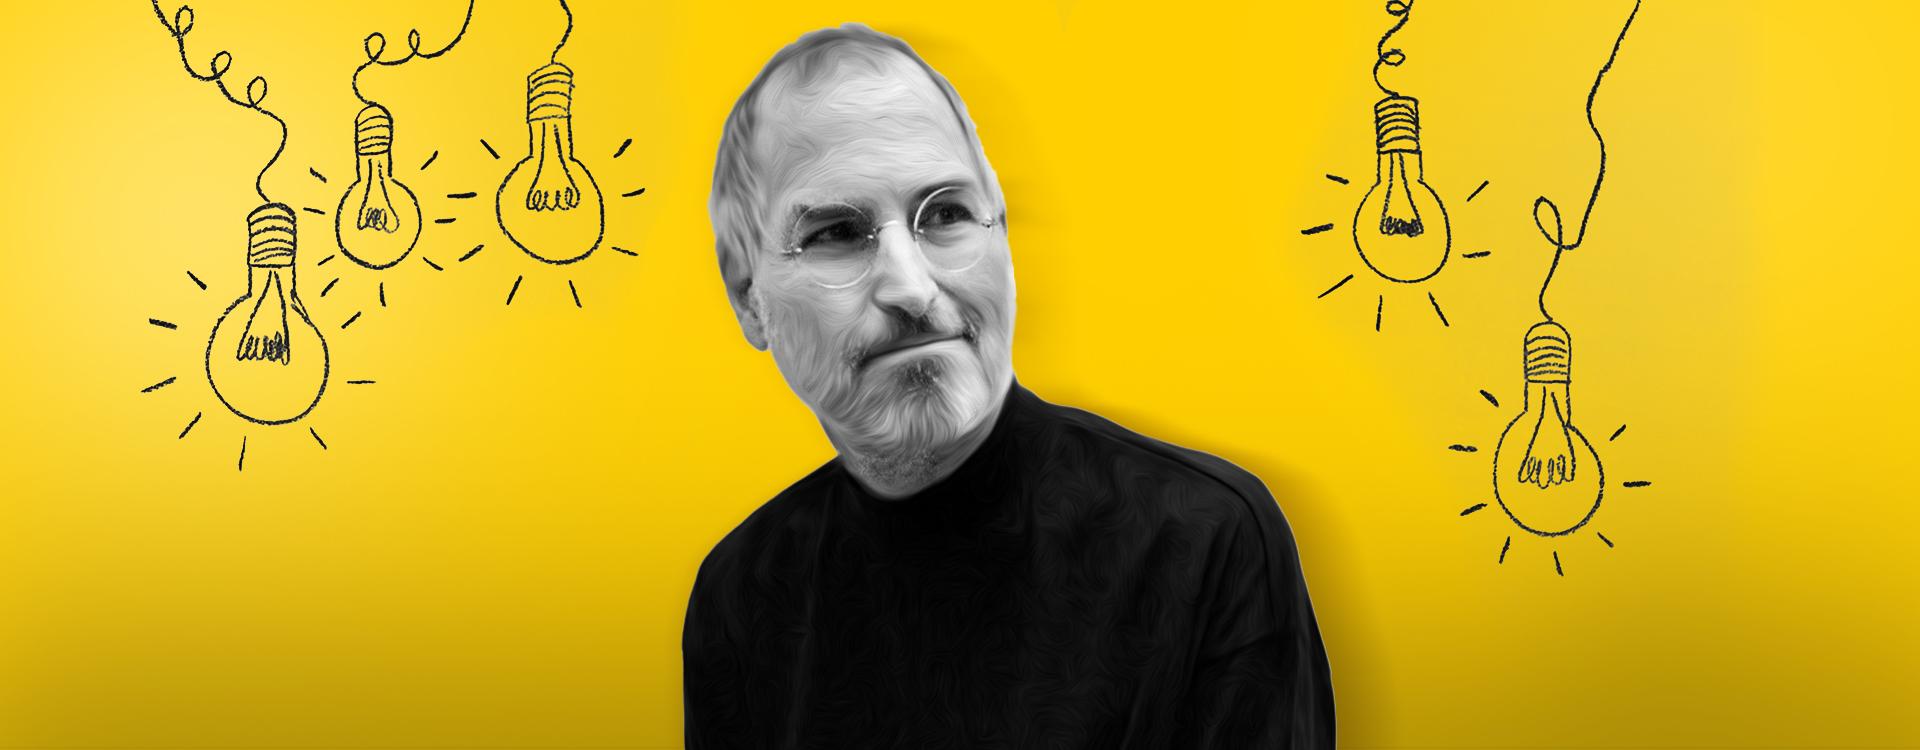 Entrepreneurial lessons from Steve Jobs